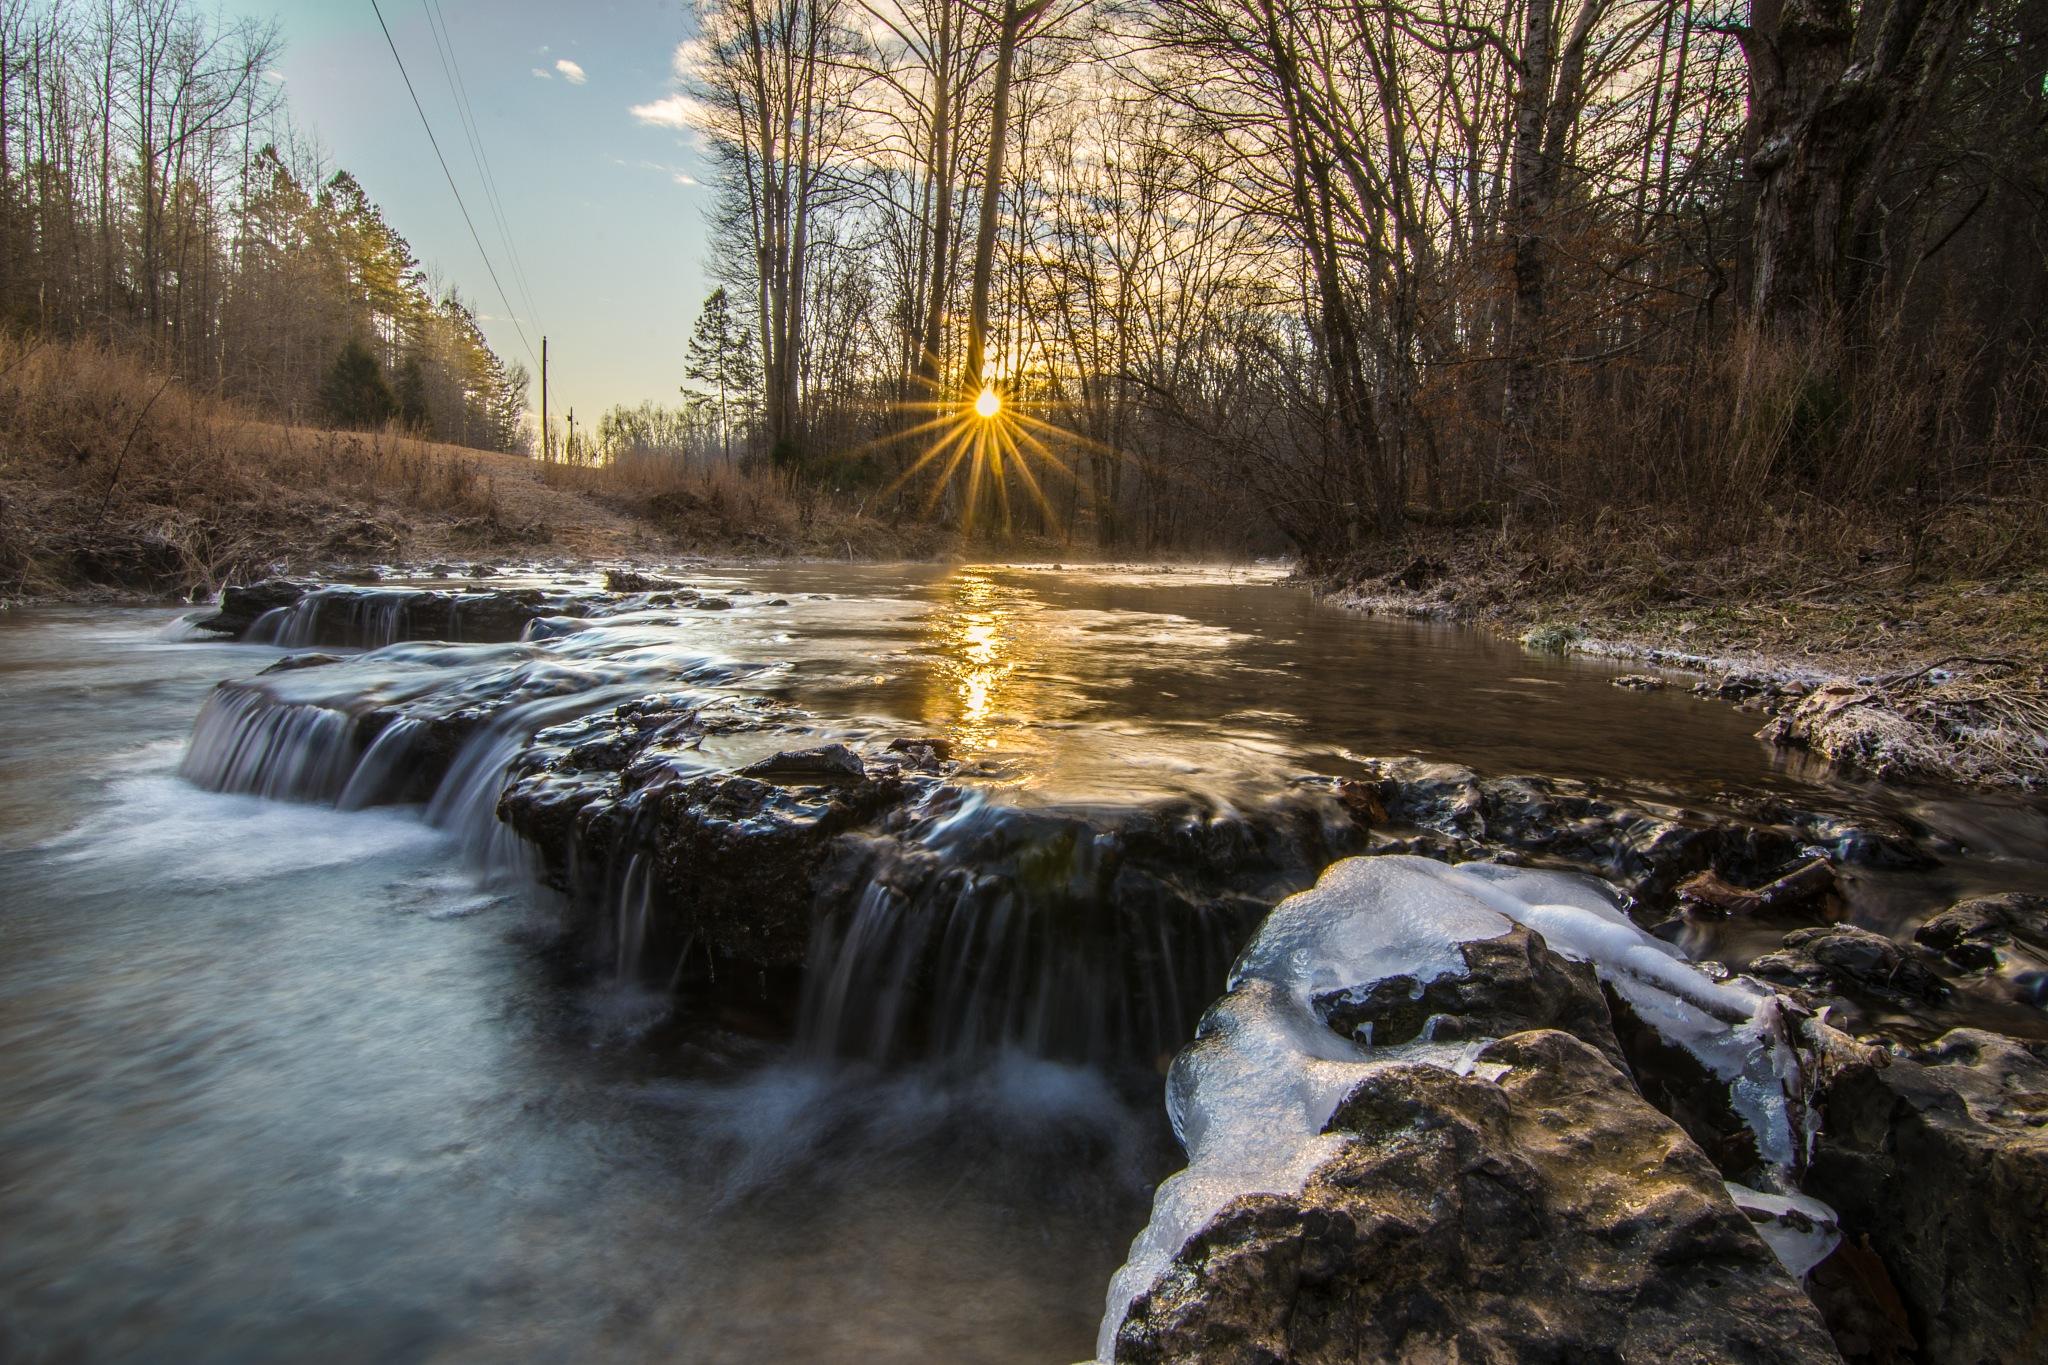 Cold dawn over Roanoke Creek by Tony Bierman